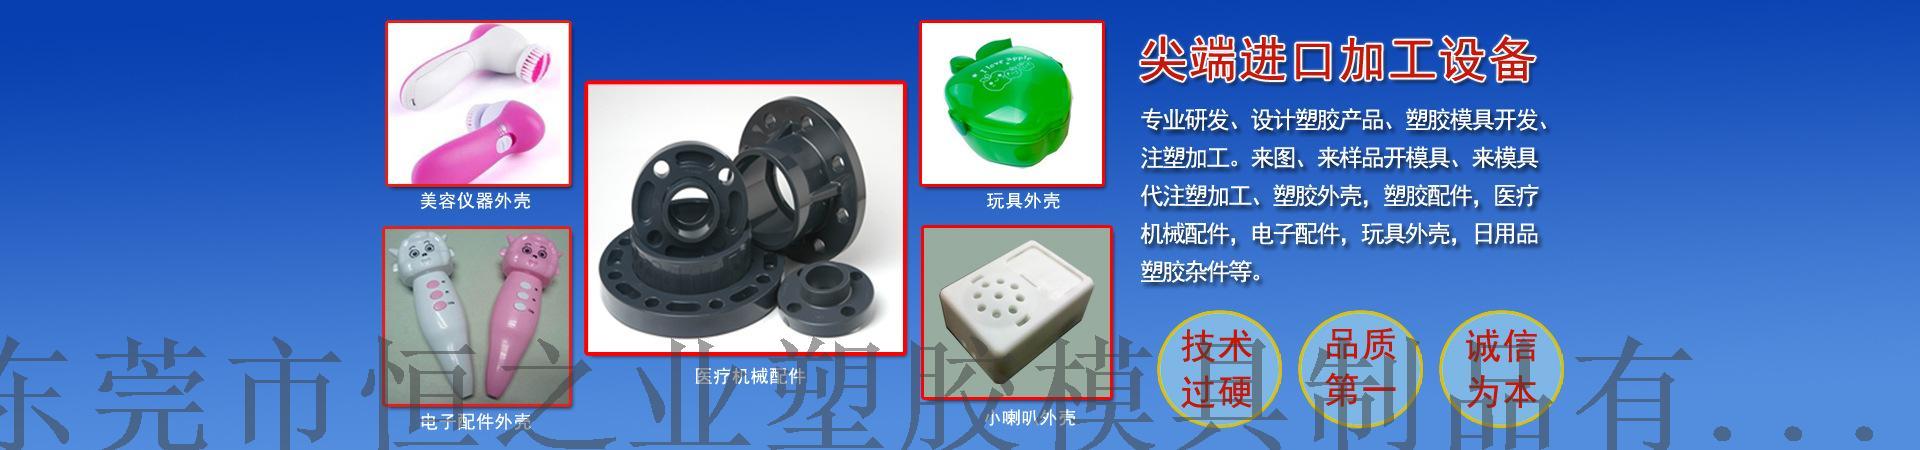 尖端進口加工設備-恆之業塑膠模具製品.jpg